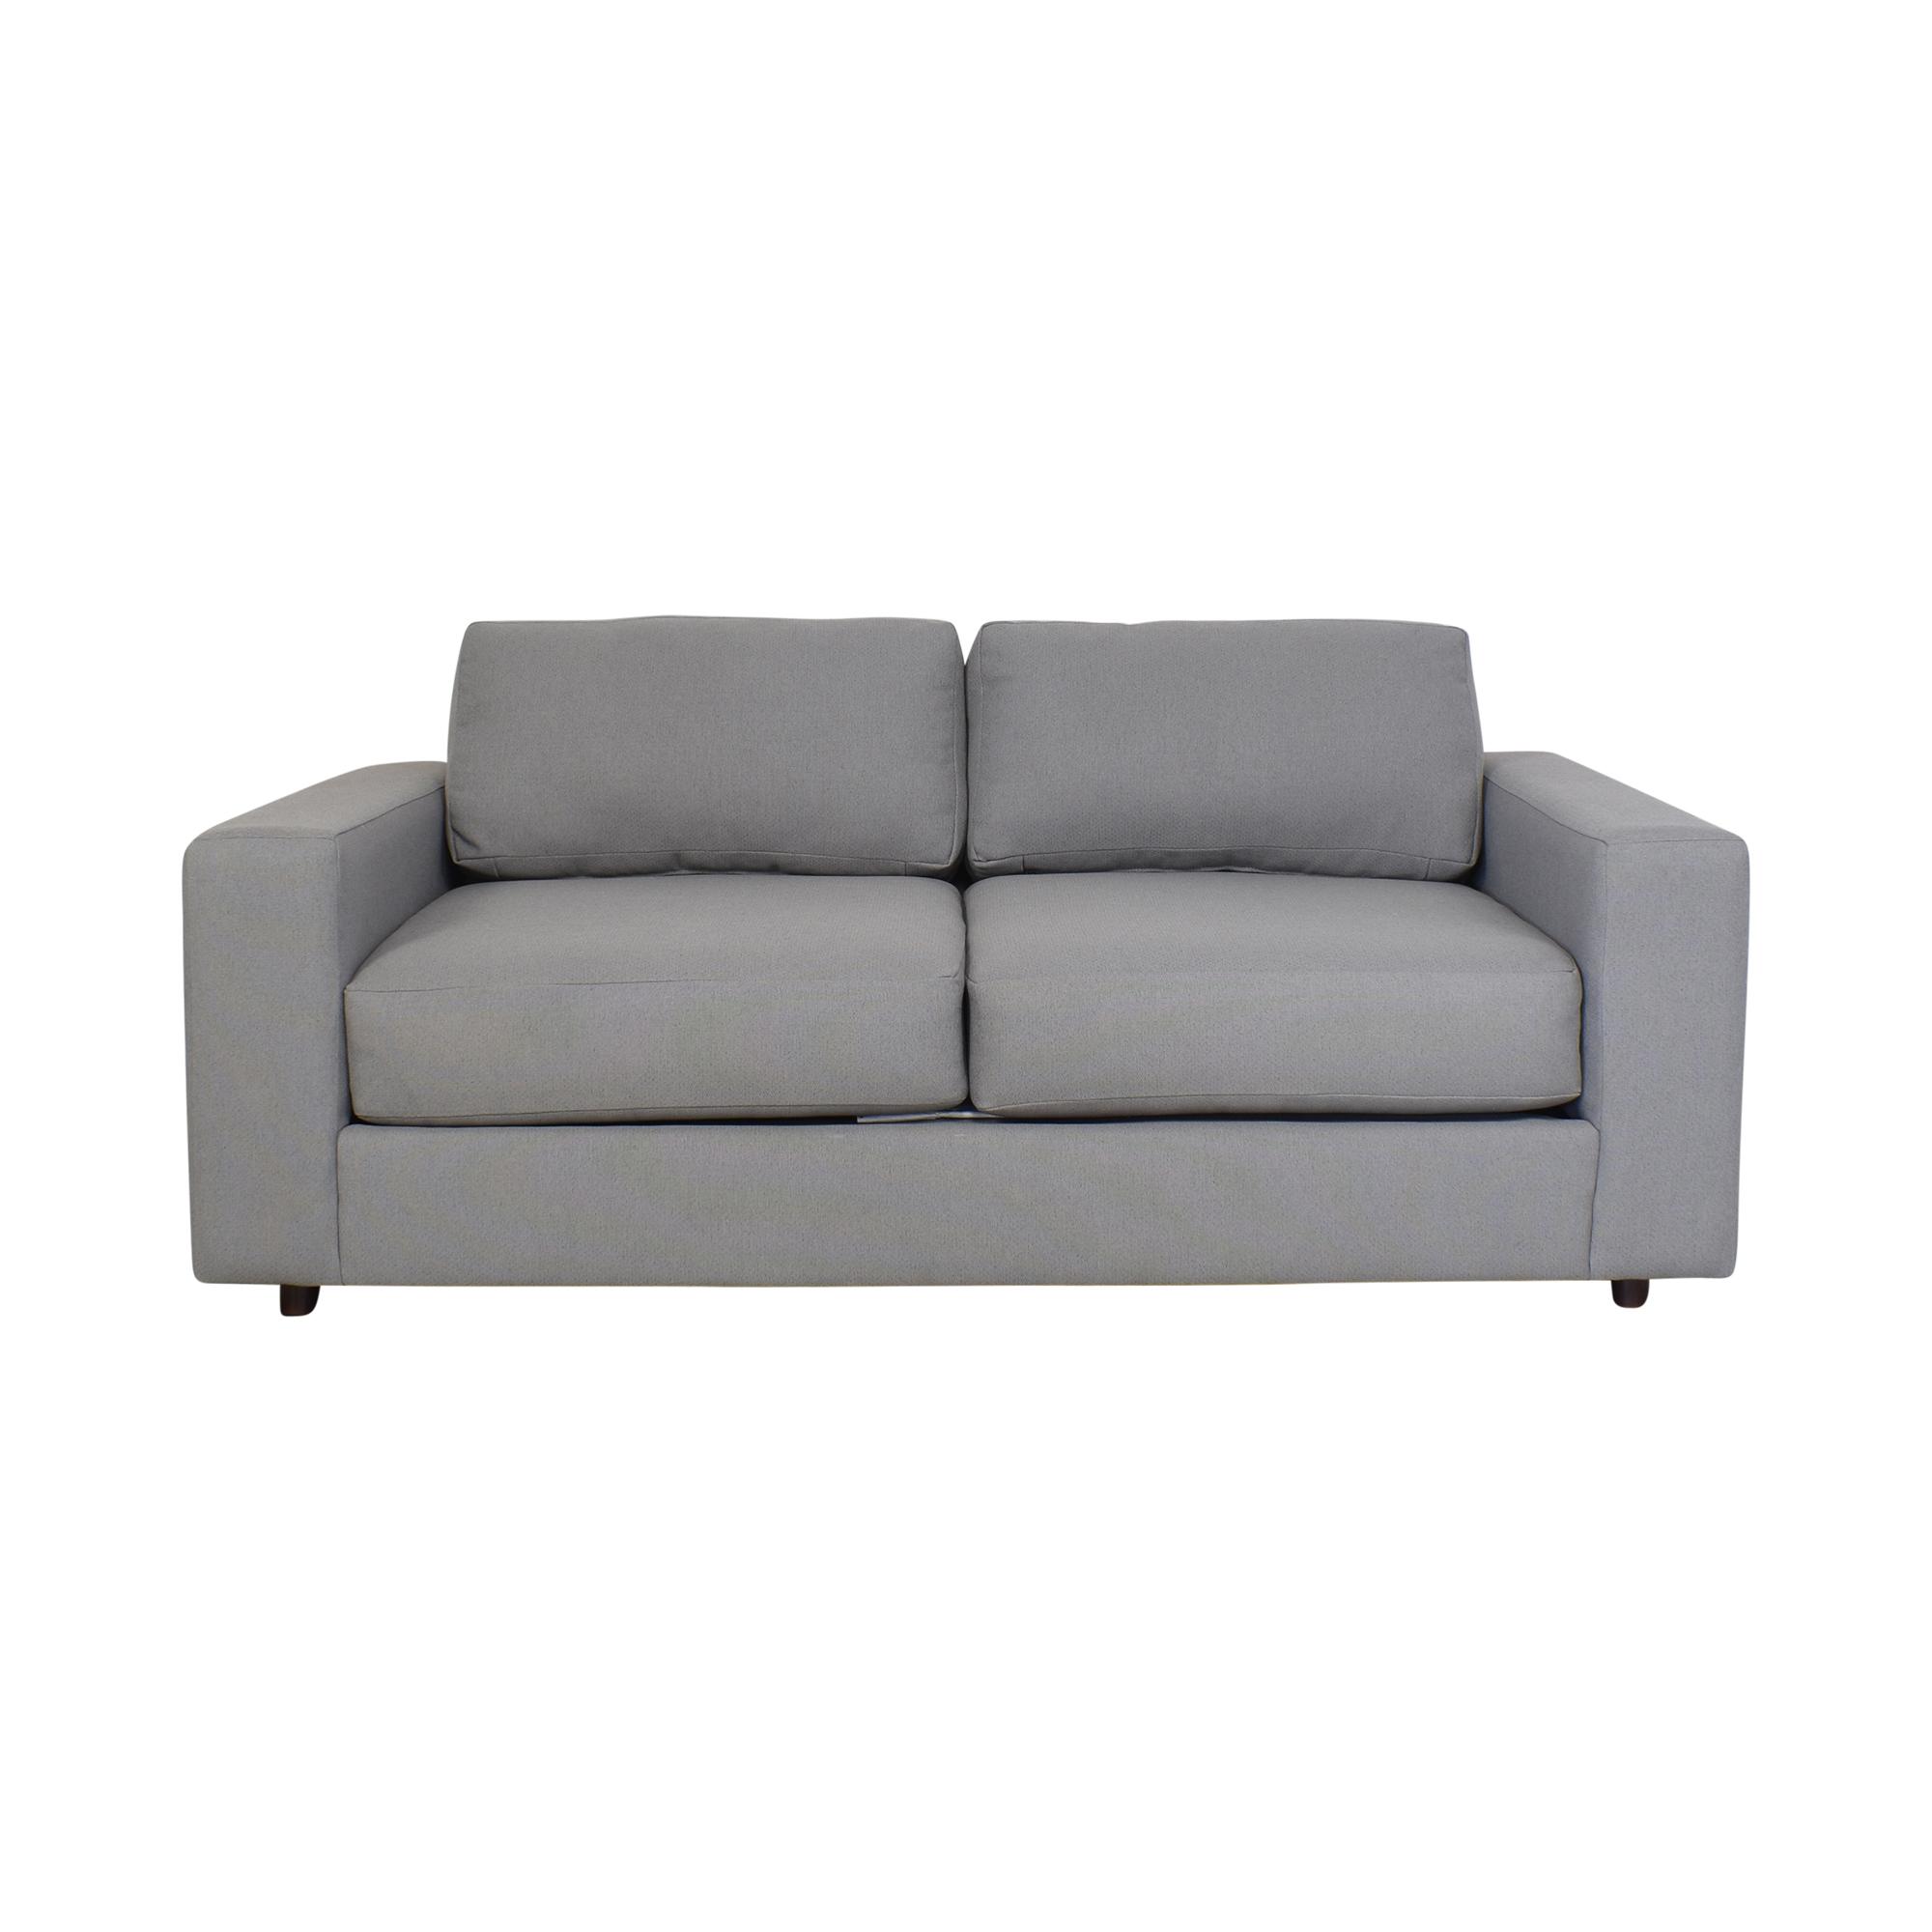 West Elm West Elm Urban Two Cushion Sofa ct